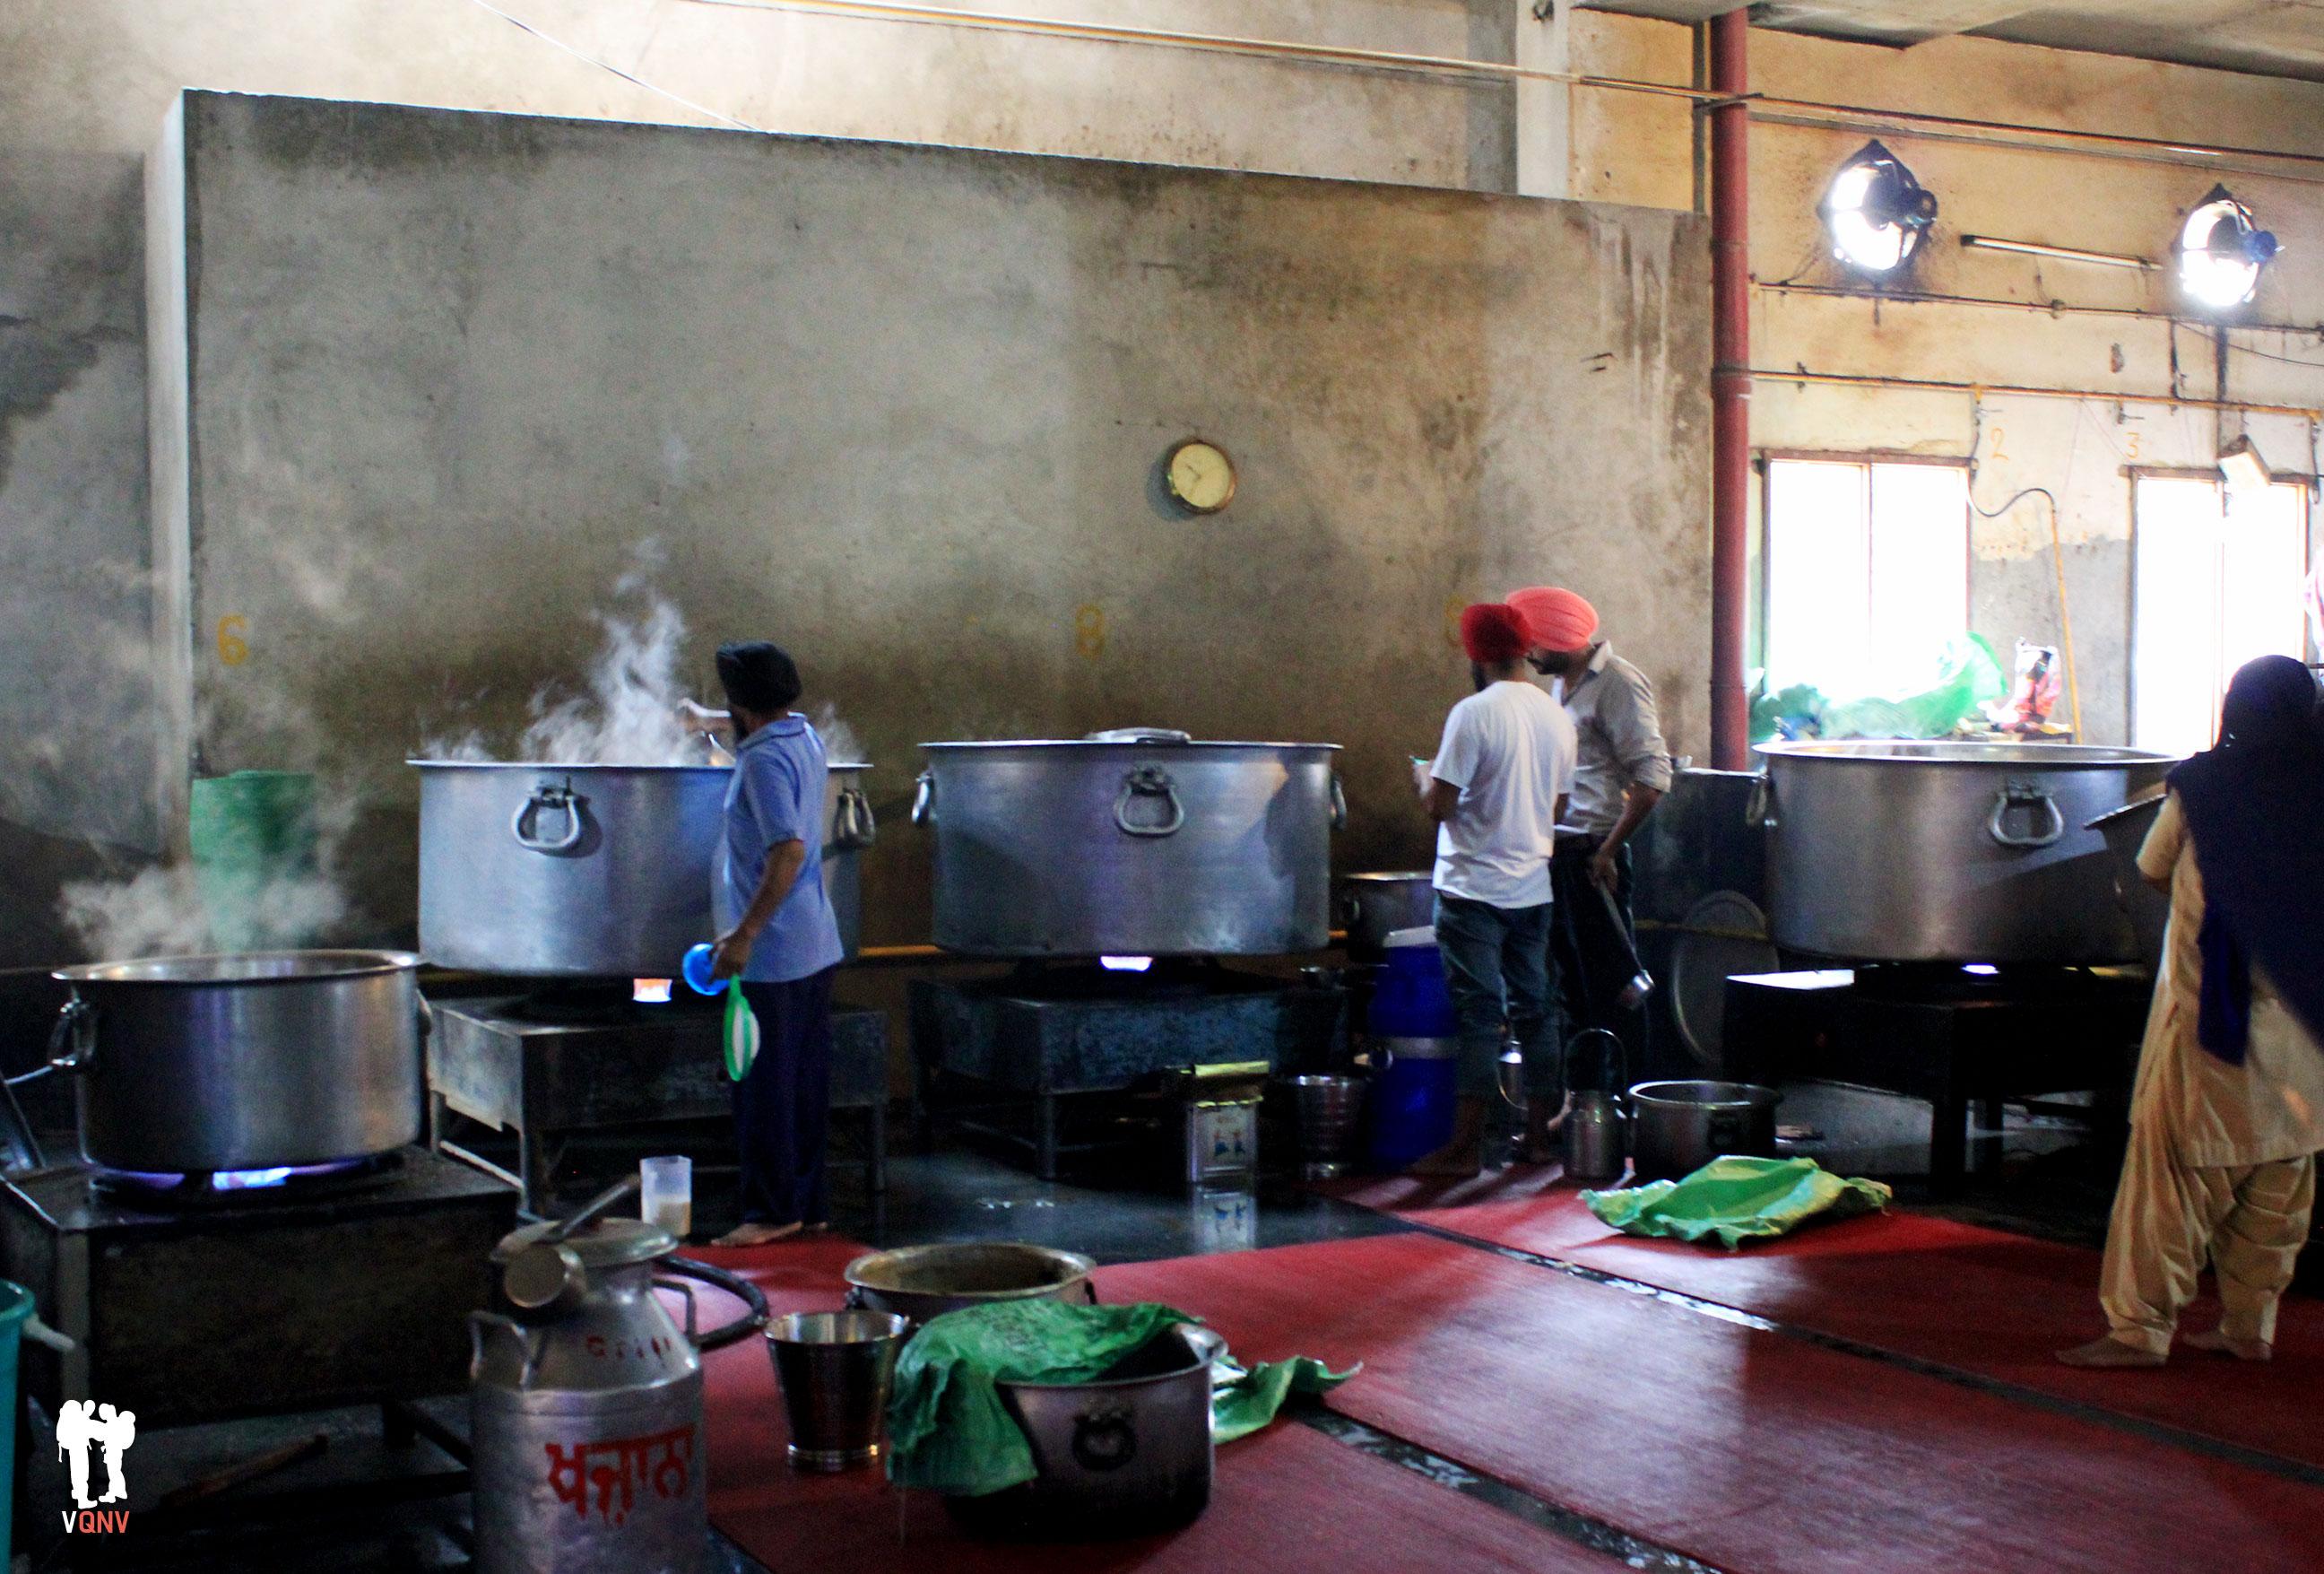 Voluntarios preparando la comida